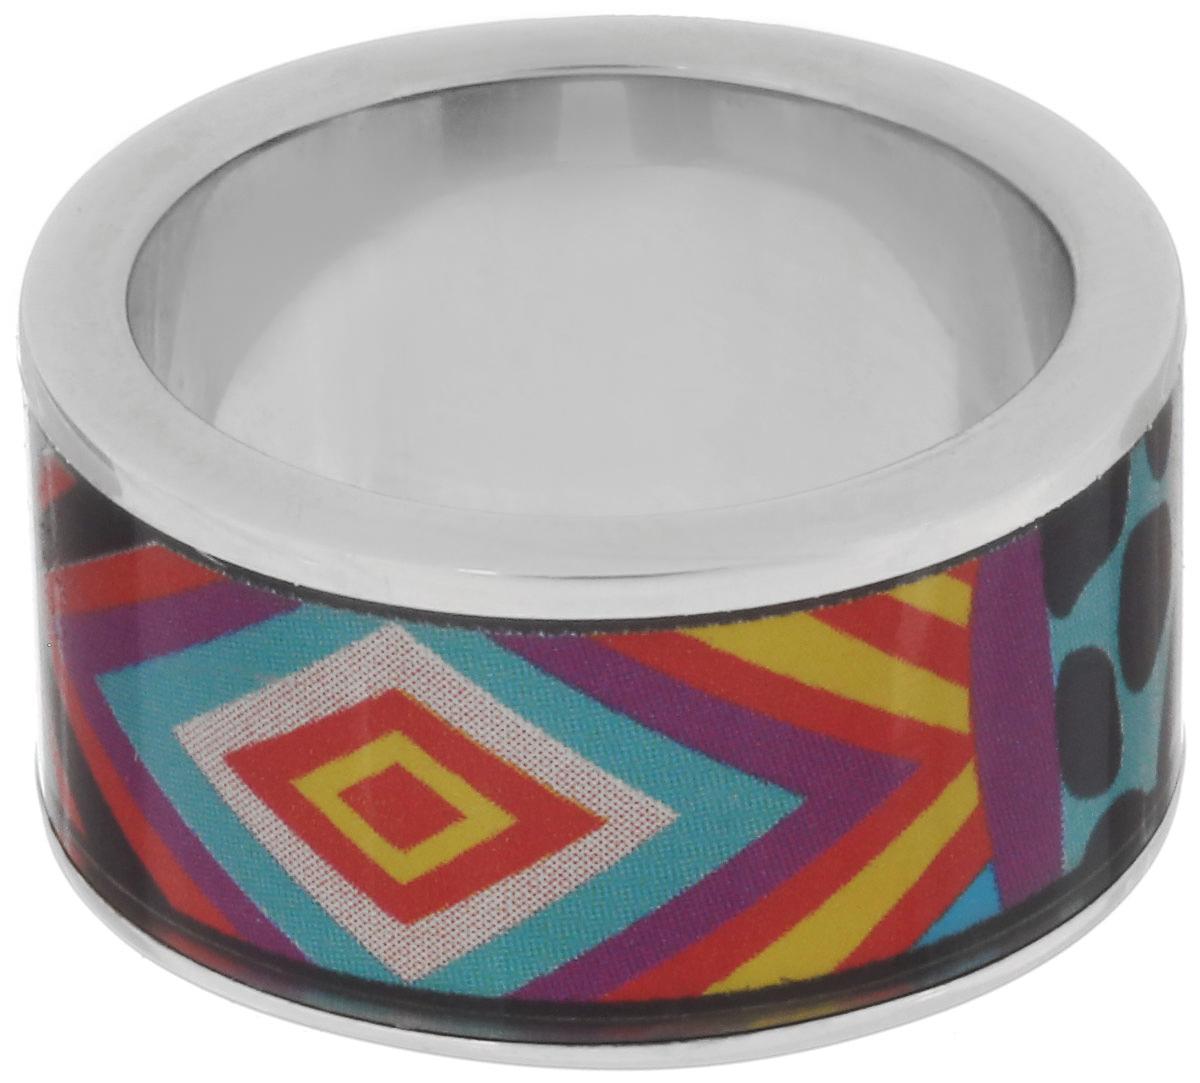 Кольцо Art-Silver, цвет: серебристый, мультиколор. ФК100-1-320. Размер 18,5ФК100-1-320Великолепное кольцо Art-Silver изготовлено из бижутерного сплава. Изделие с покрытием из эмали оформлено разнообразным неповторимым орнаментом. Стильное кольцо придаст вашему образу изюминку и подчеркнет индивидуальность.